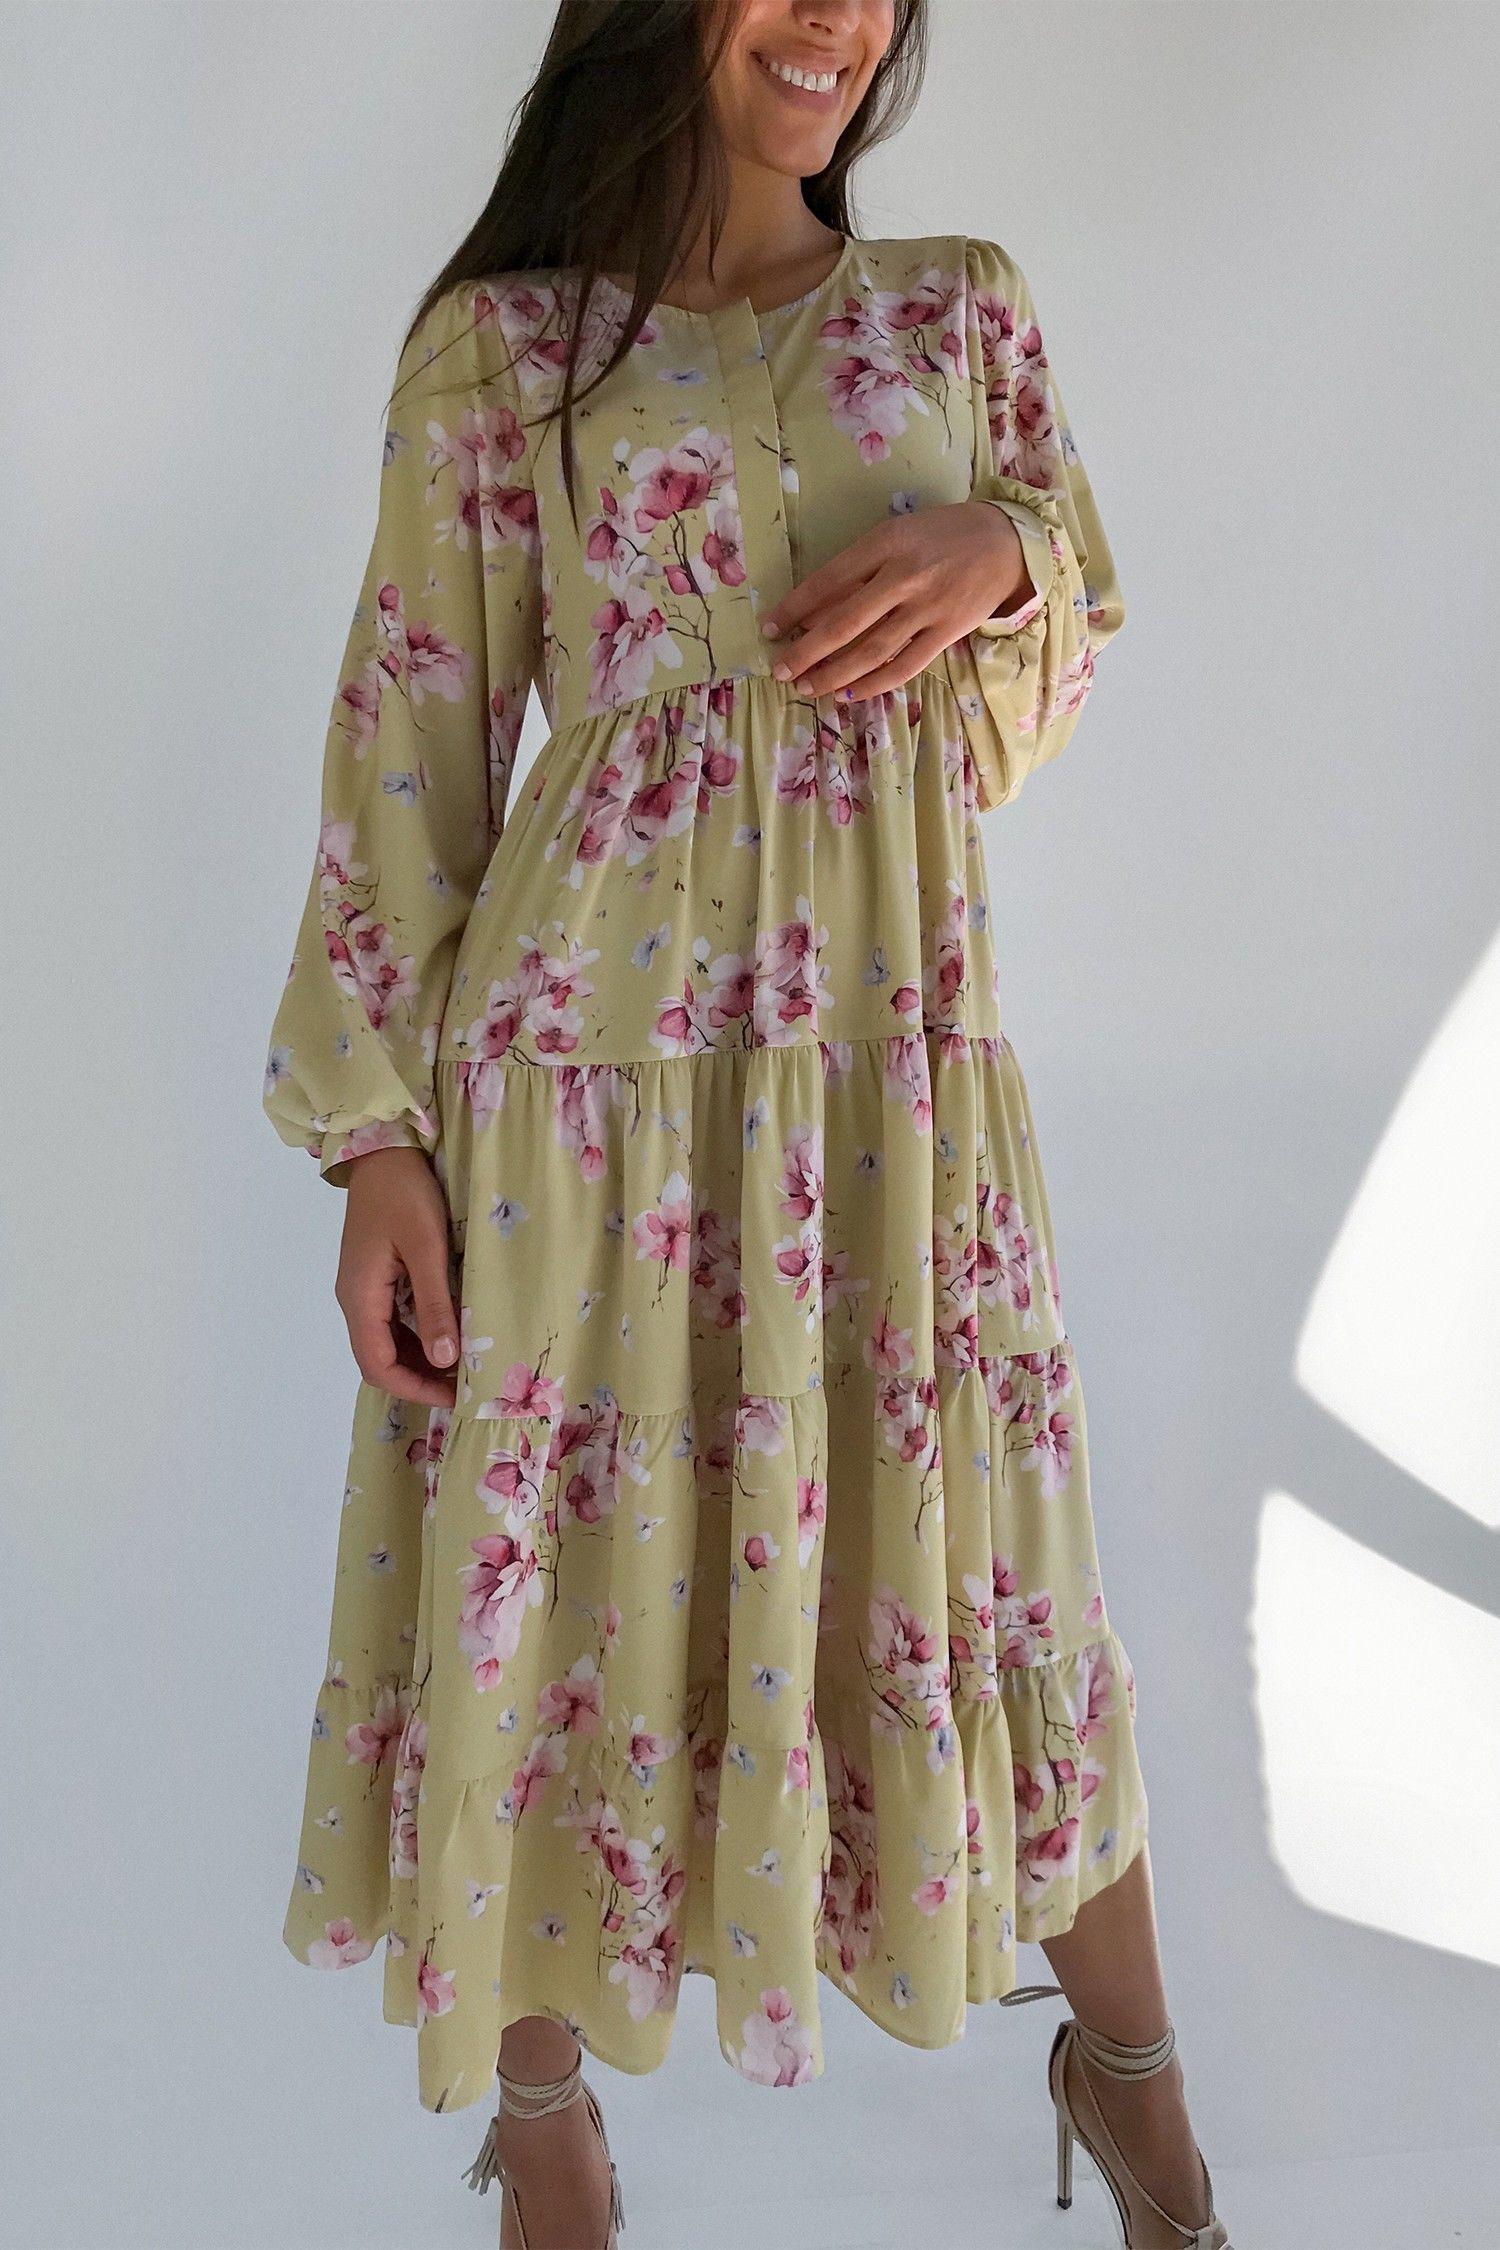 Платье свободного кроя желтое Magic bloom - THE LACE